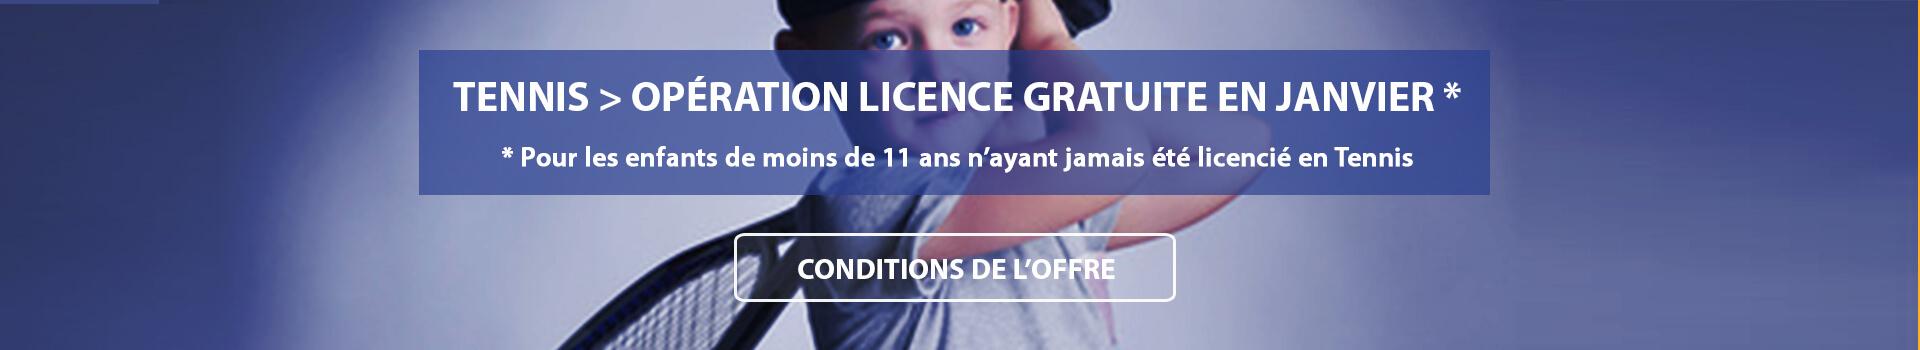 bandeau_licence-gratuite_TENNIS_05012018_C